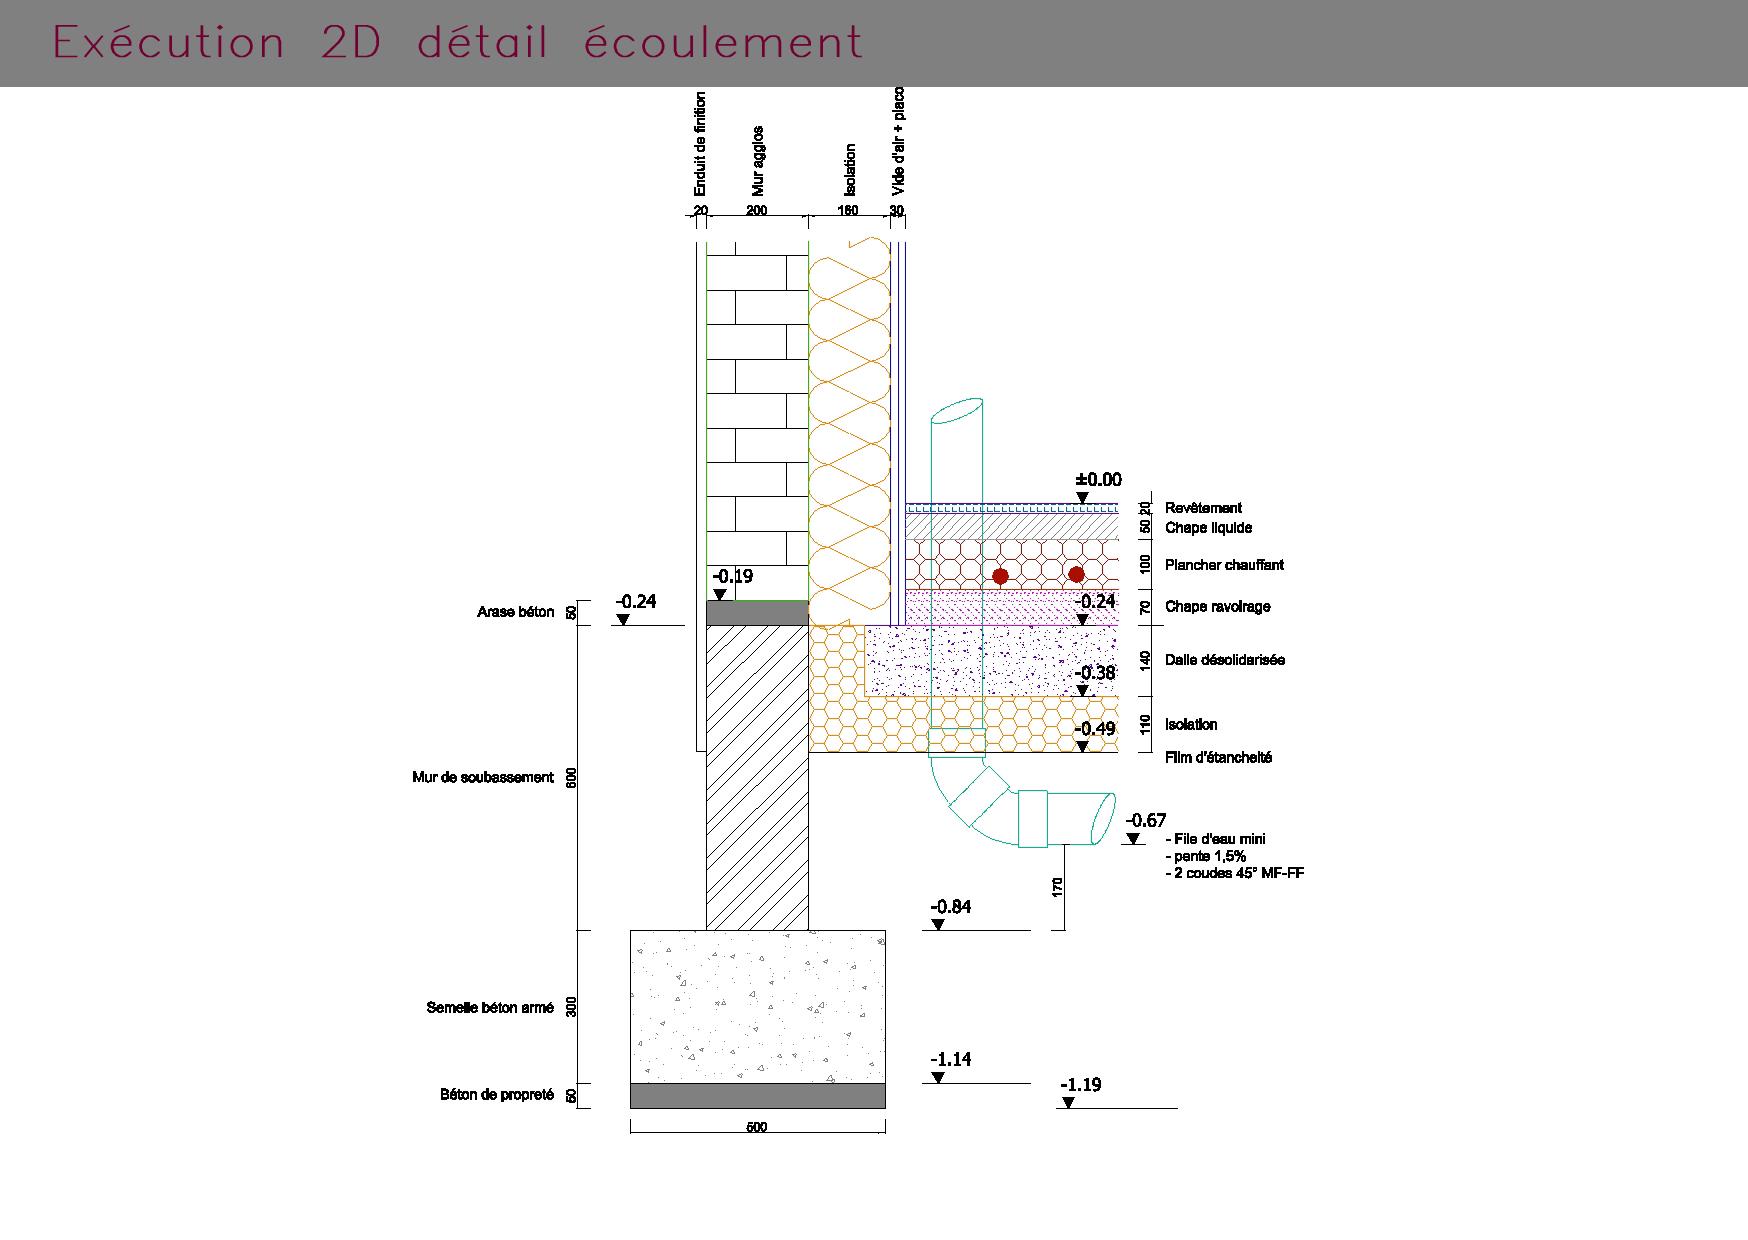 Plan d'exécution en 2D et détails écoulement